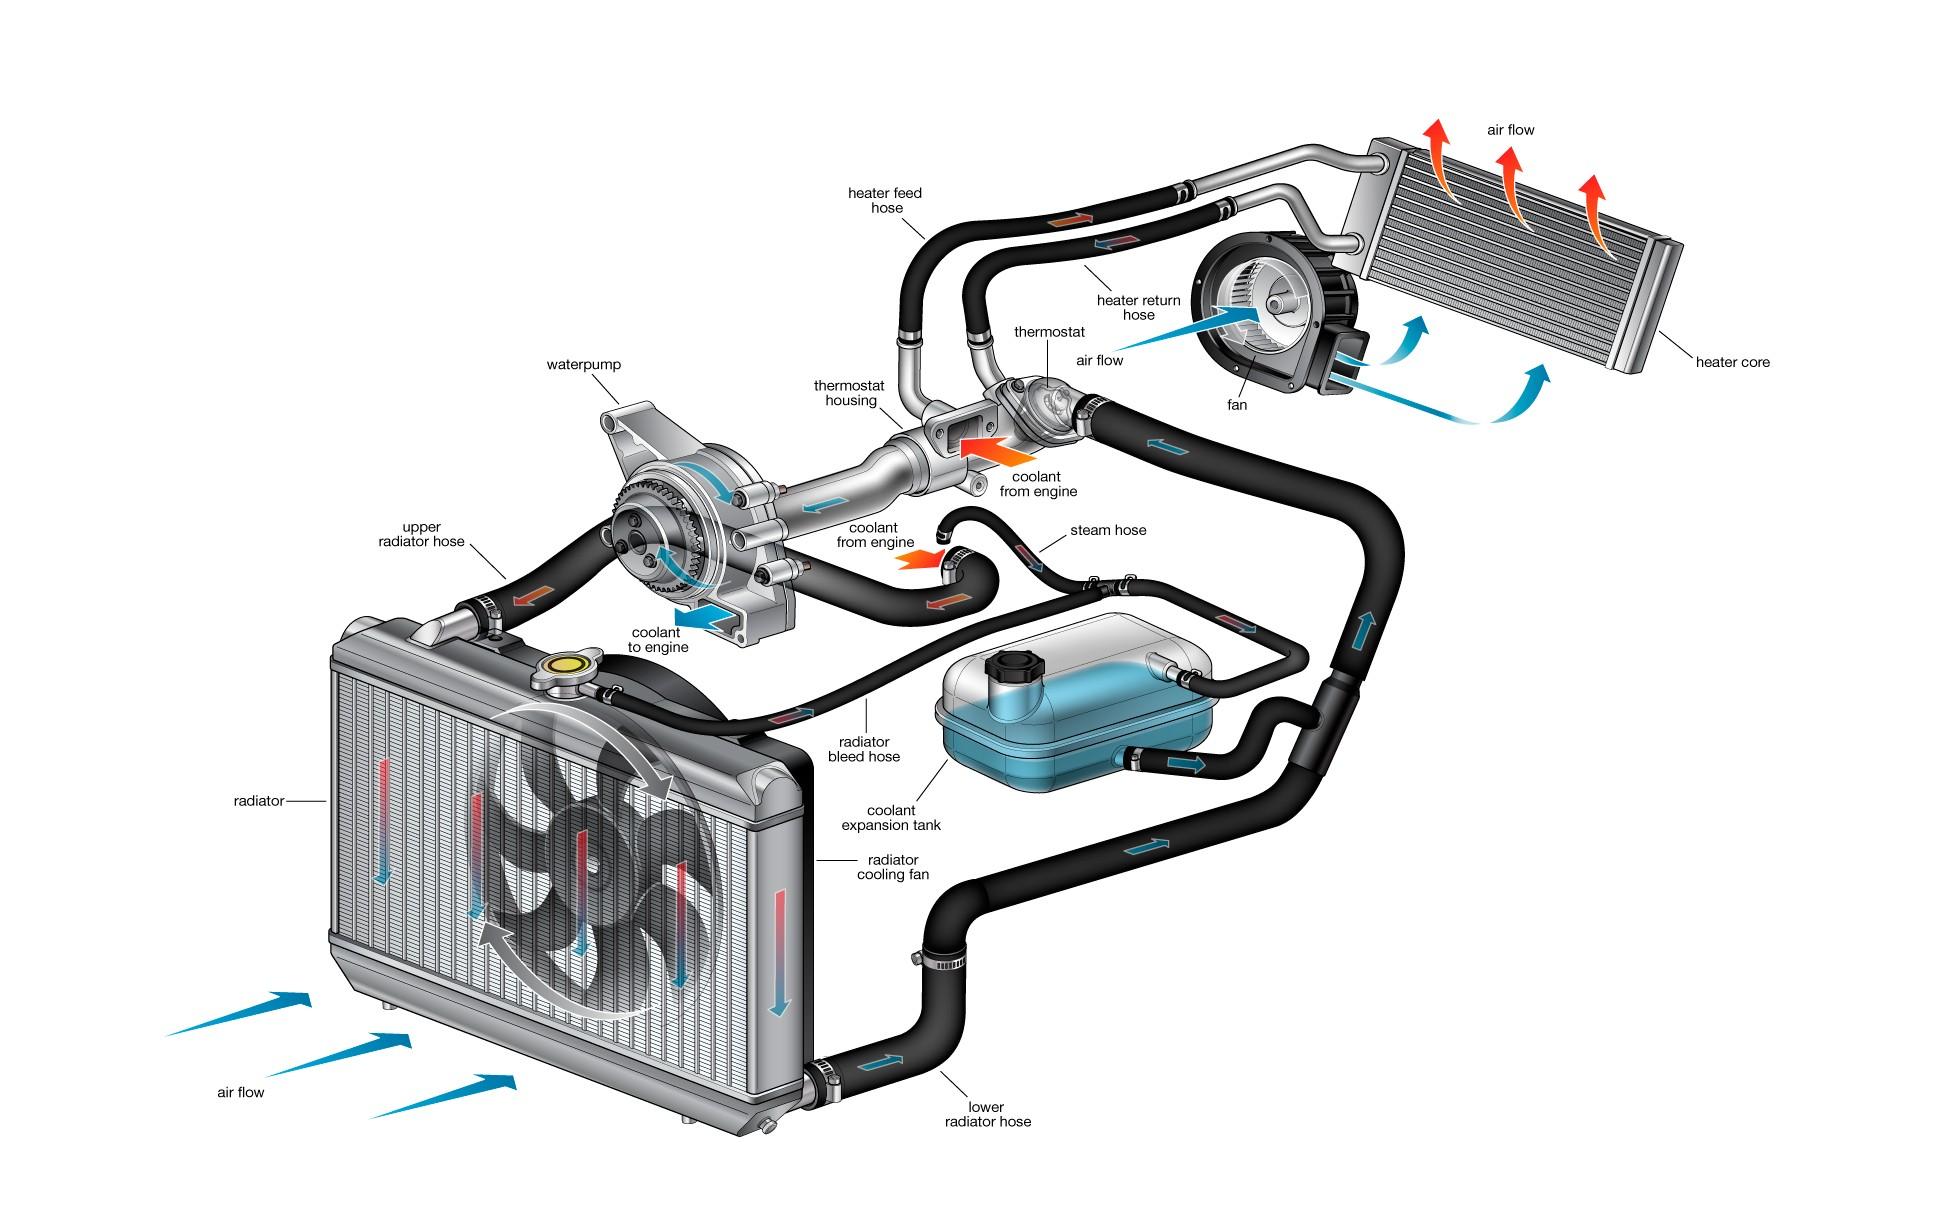 diagram of car cooling system car radiator diagram engine cooling rh detoxicrecenze com Small Block Chevy Cooling Diagram Diesel Engine Cooling System Diagram